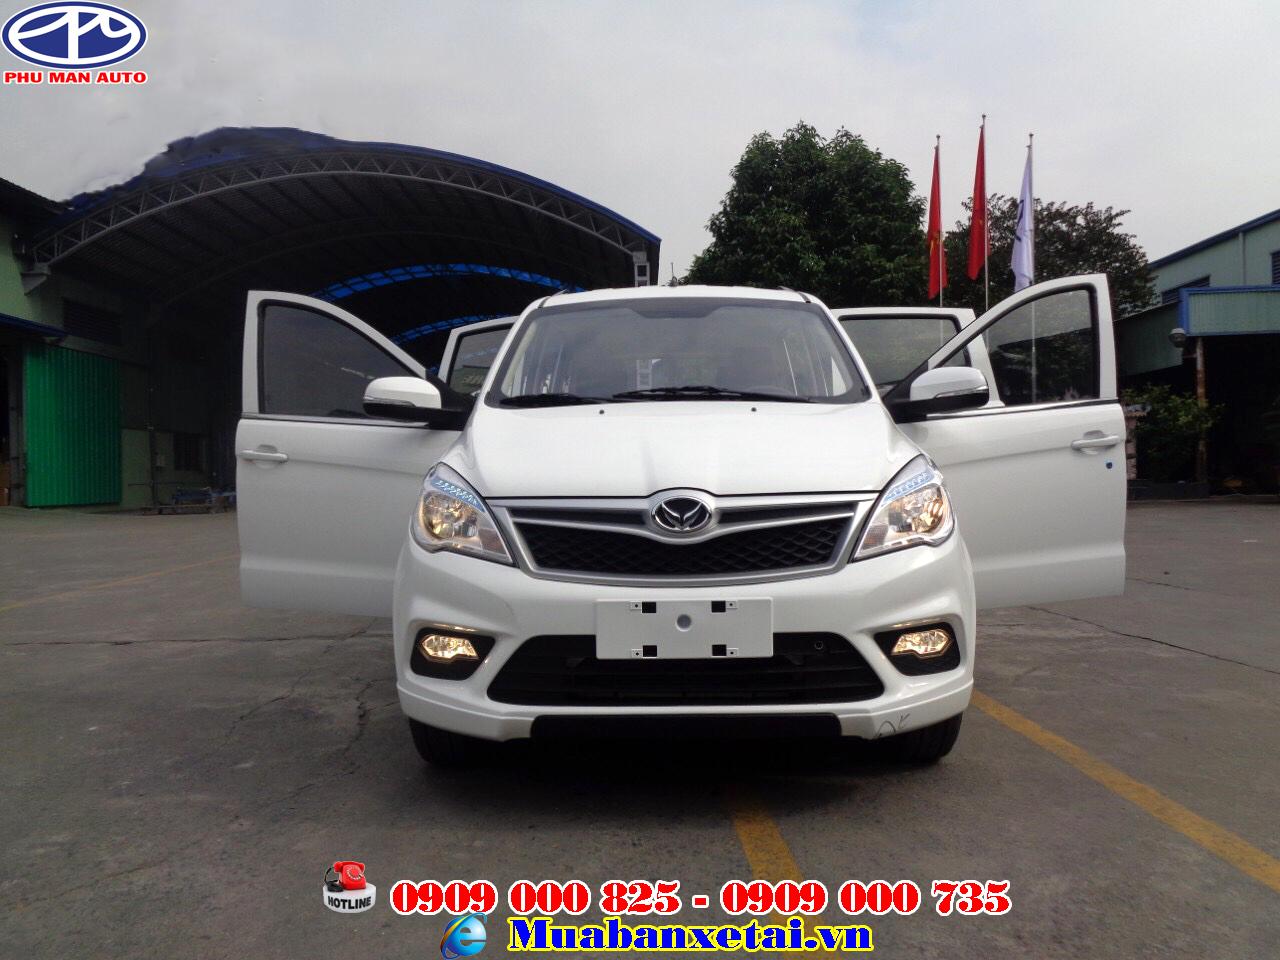 Hiện nay dòng xe Kenbo 7 chỗnày đang có ở Việt nam với số lượng hạn chế